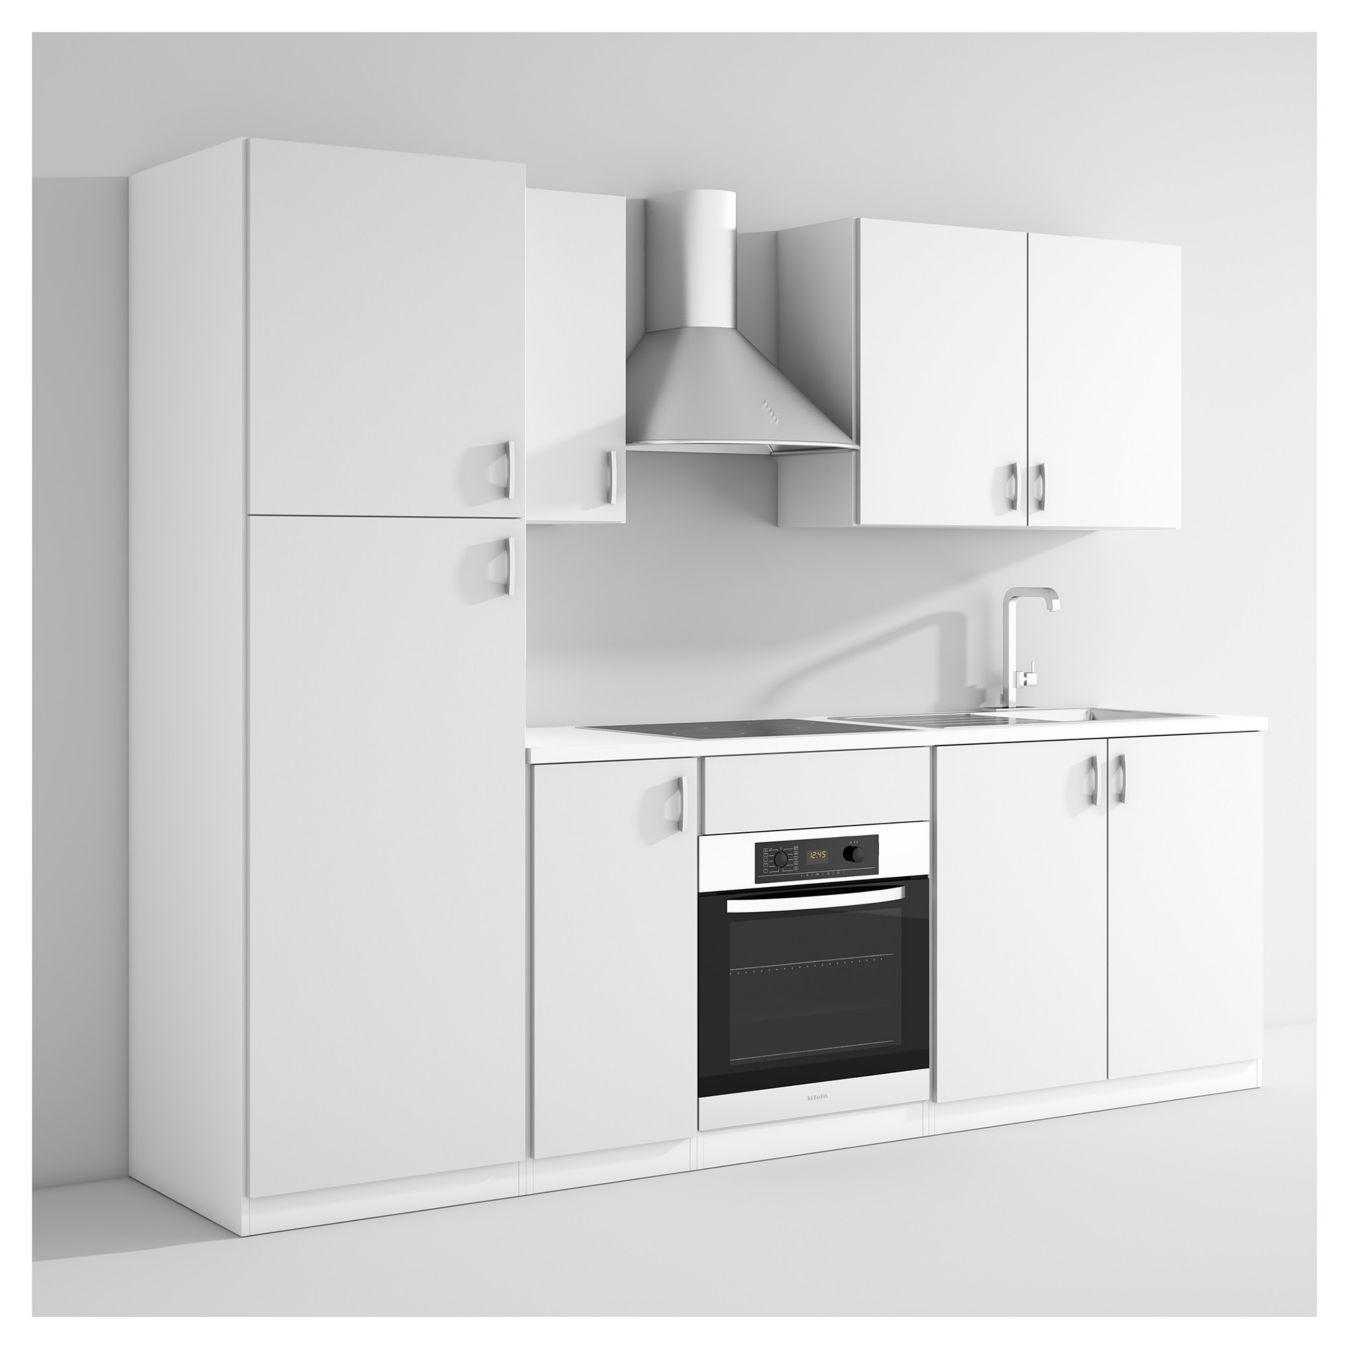 Bonito Precios De Muebles De Cocina En Kit Fotos Precio Cocina  # Geant Muebles De Cocina